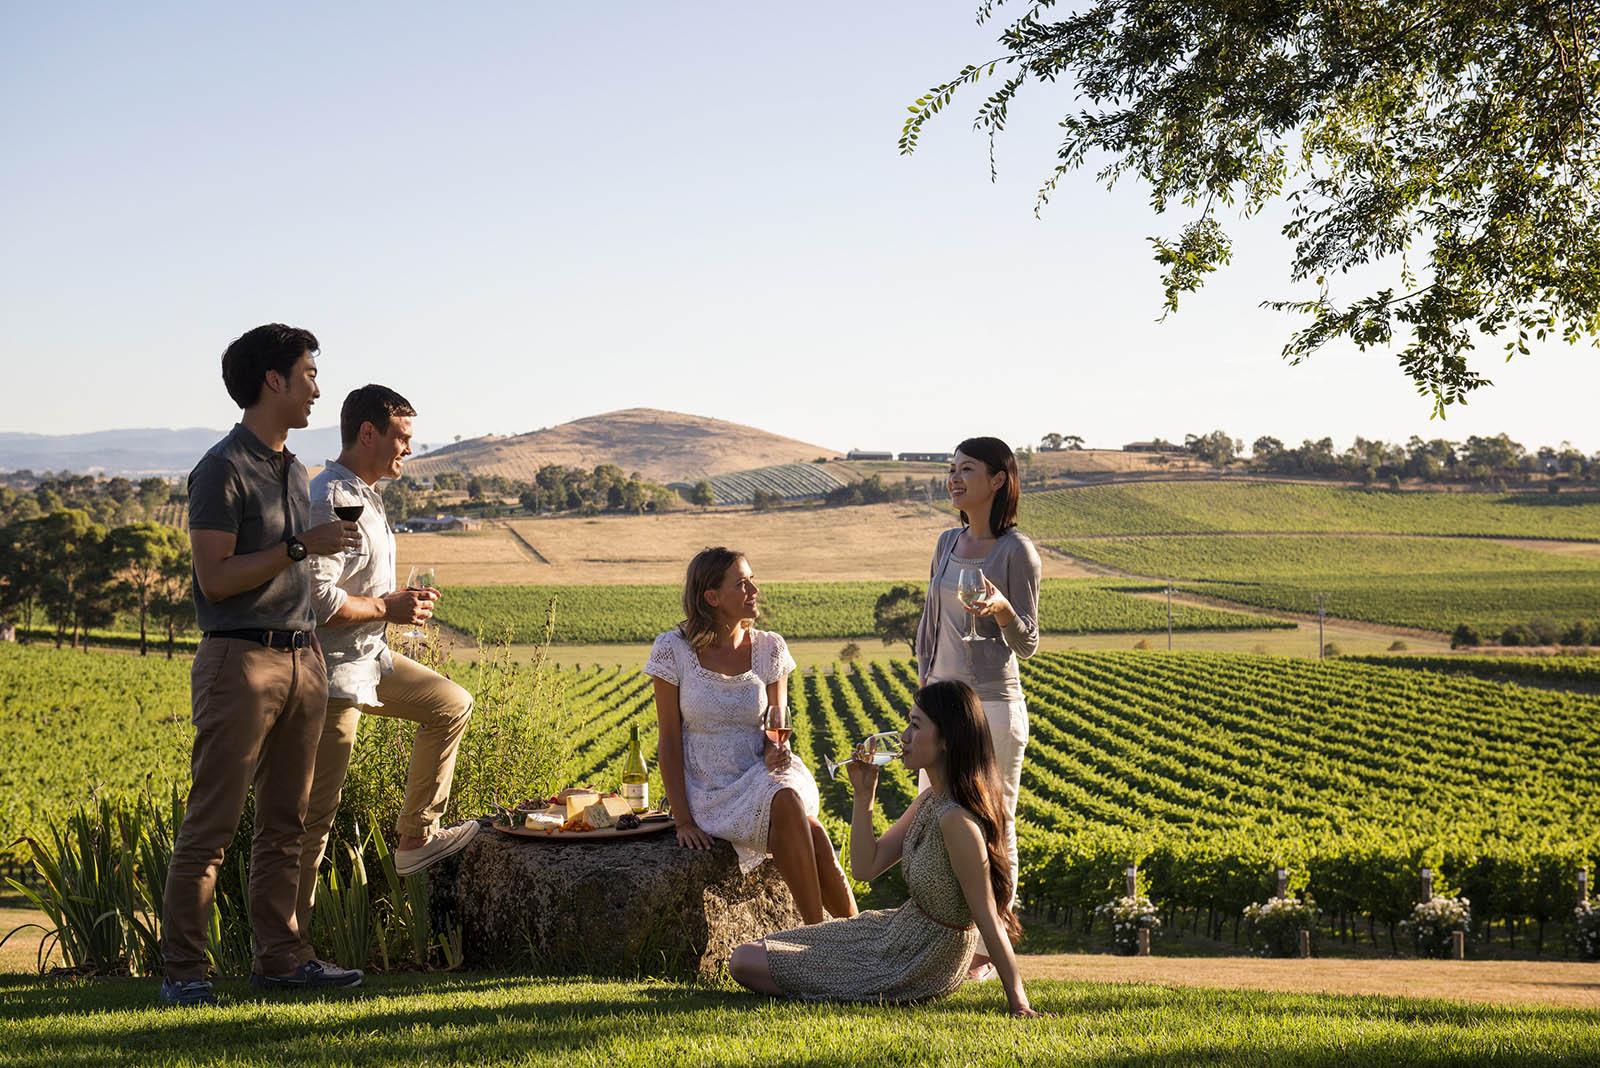 [Travel Gallery] 와인을 마시고 자연에 취하다···호주 와이너리 여행